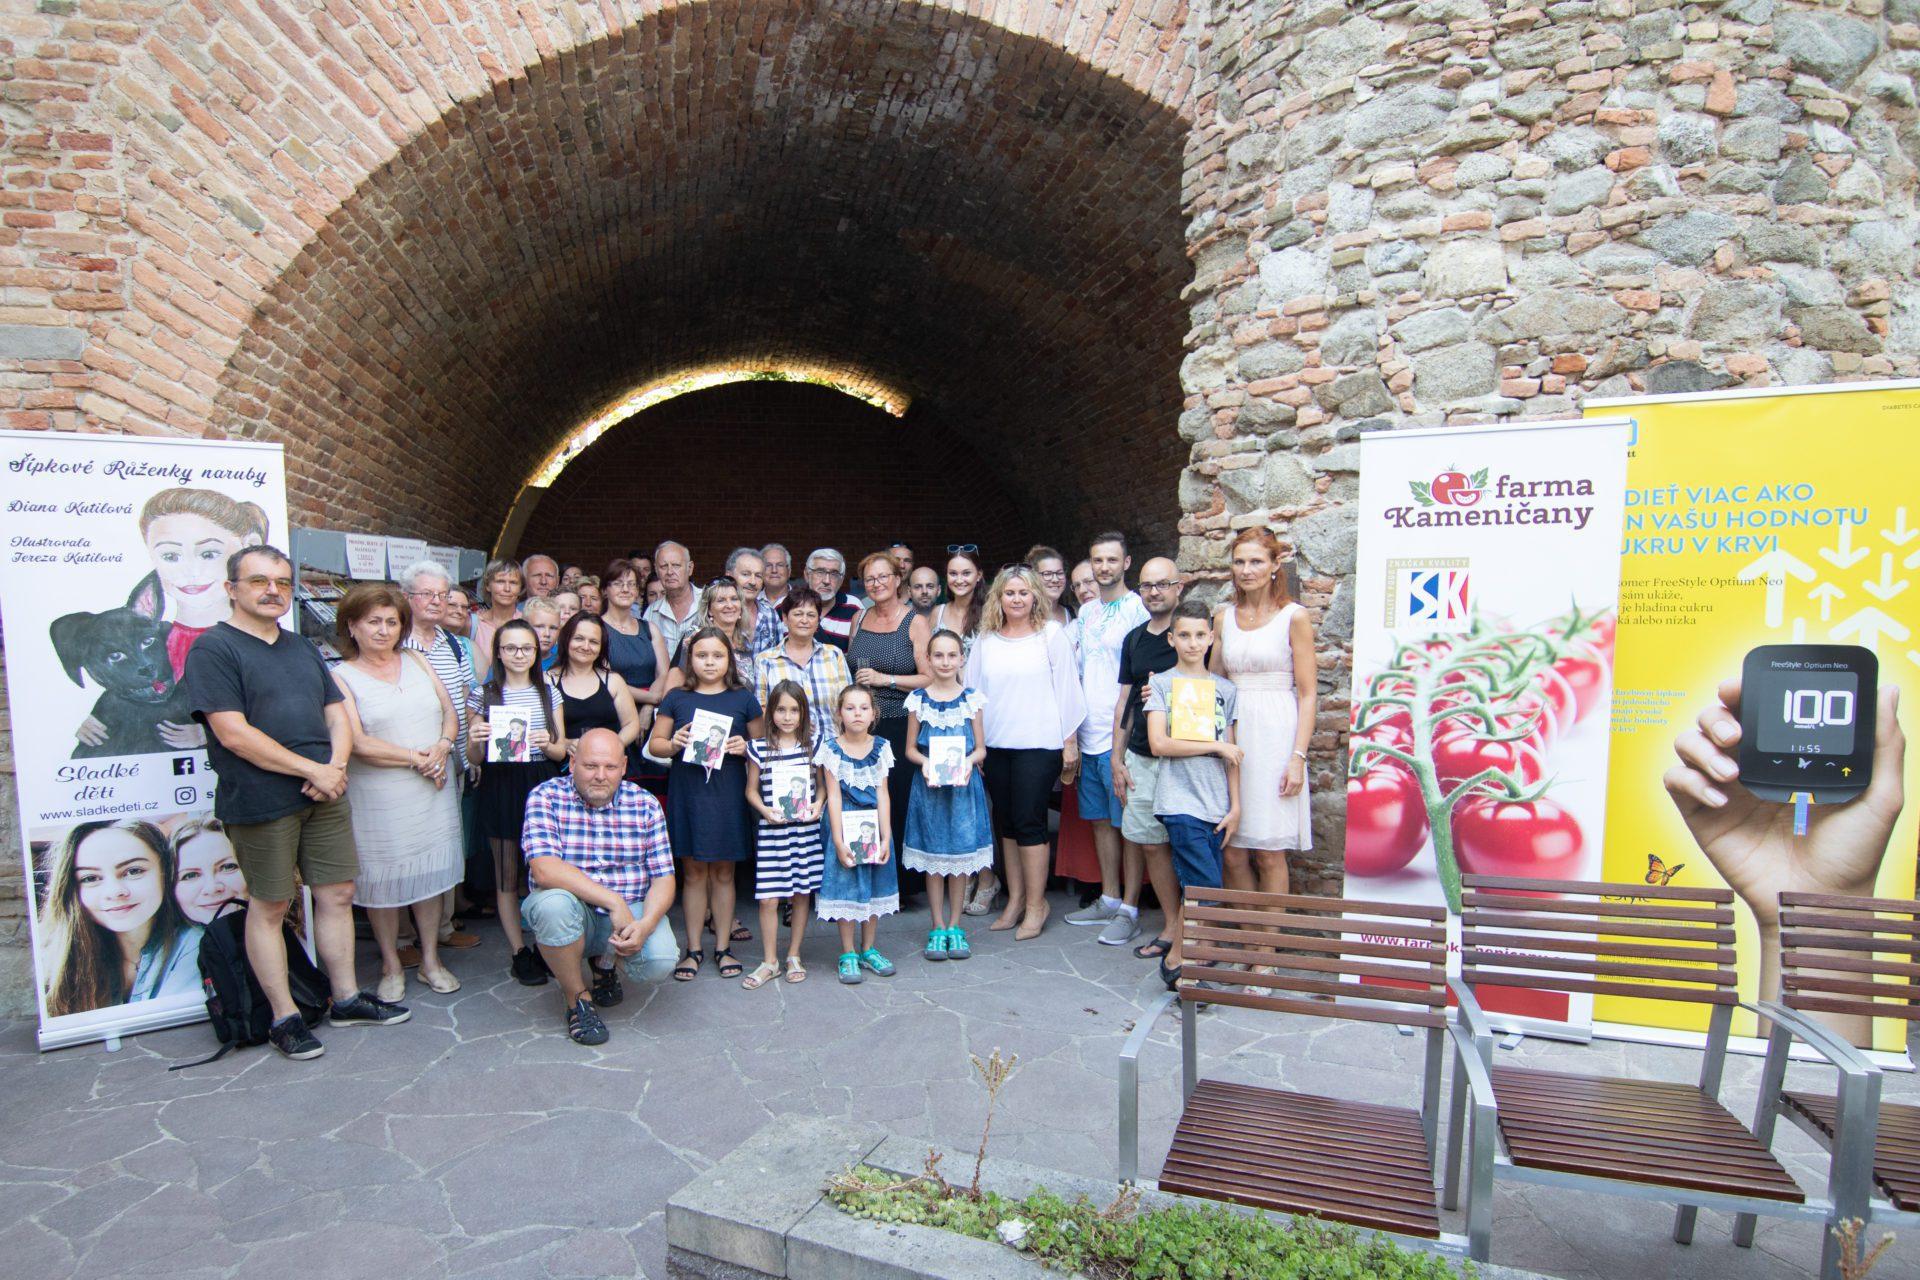 Autorské čítanie Šípkové Růženky naruby v Bratislave